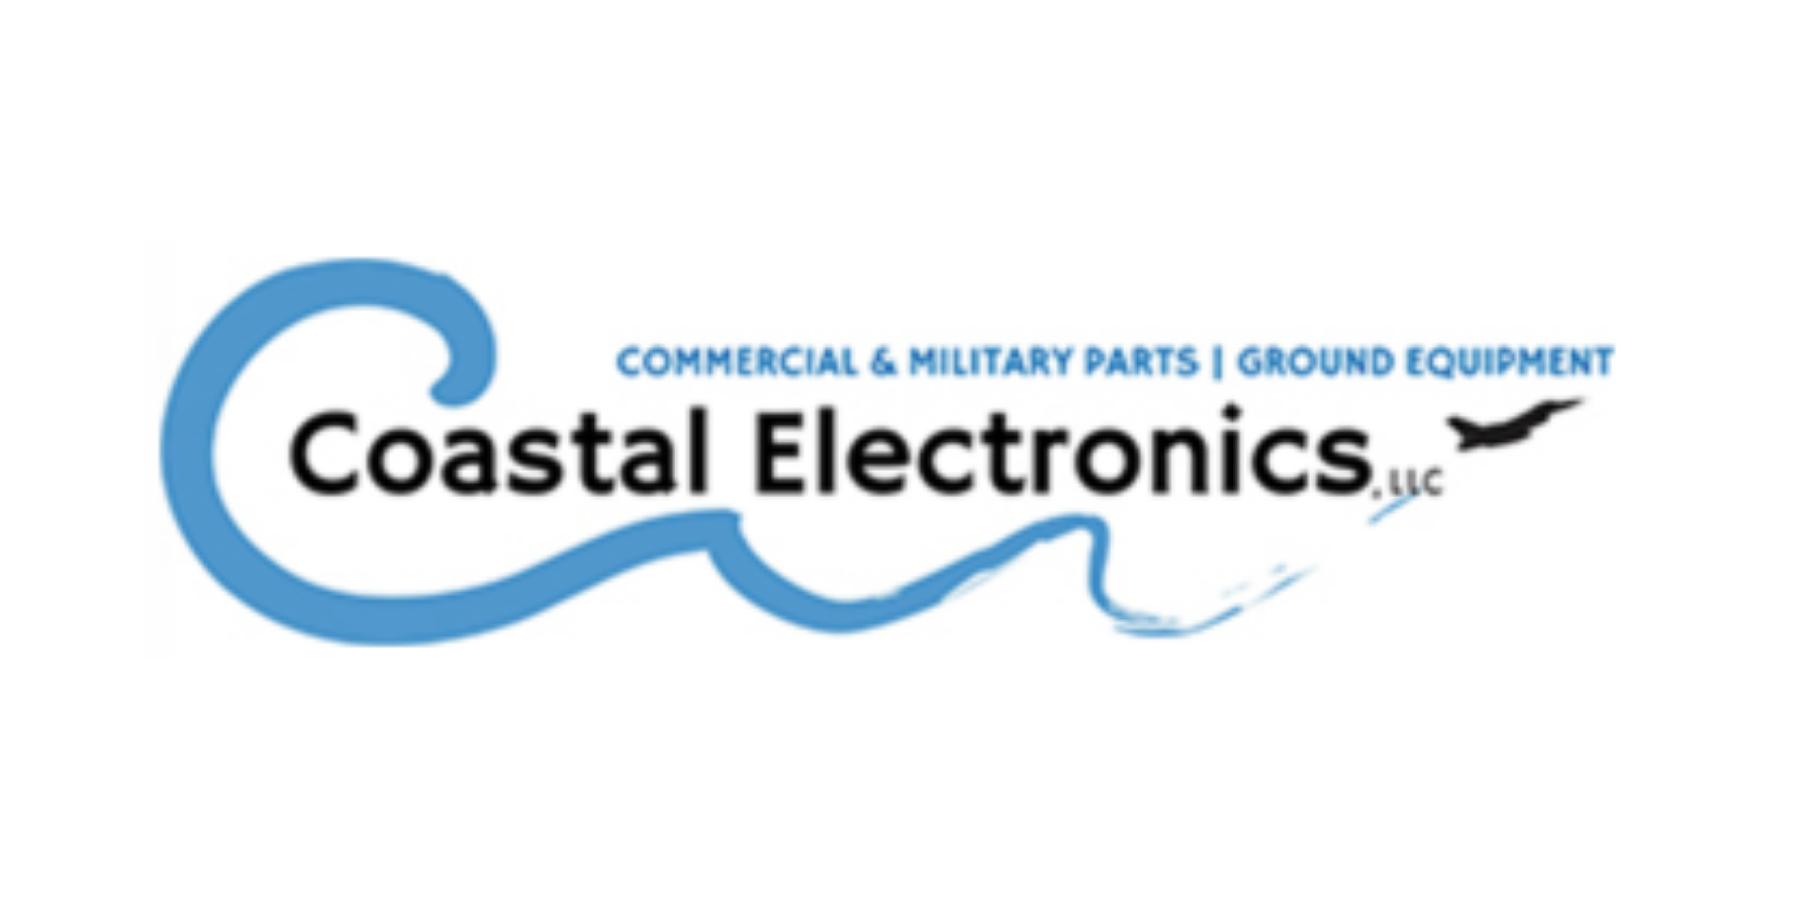 Coastal Electronics